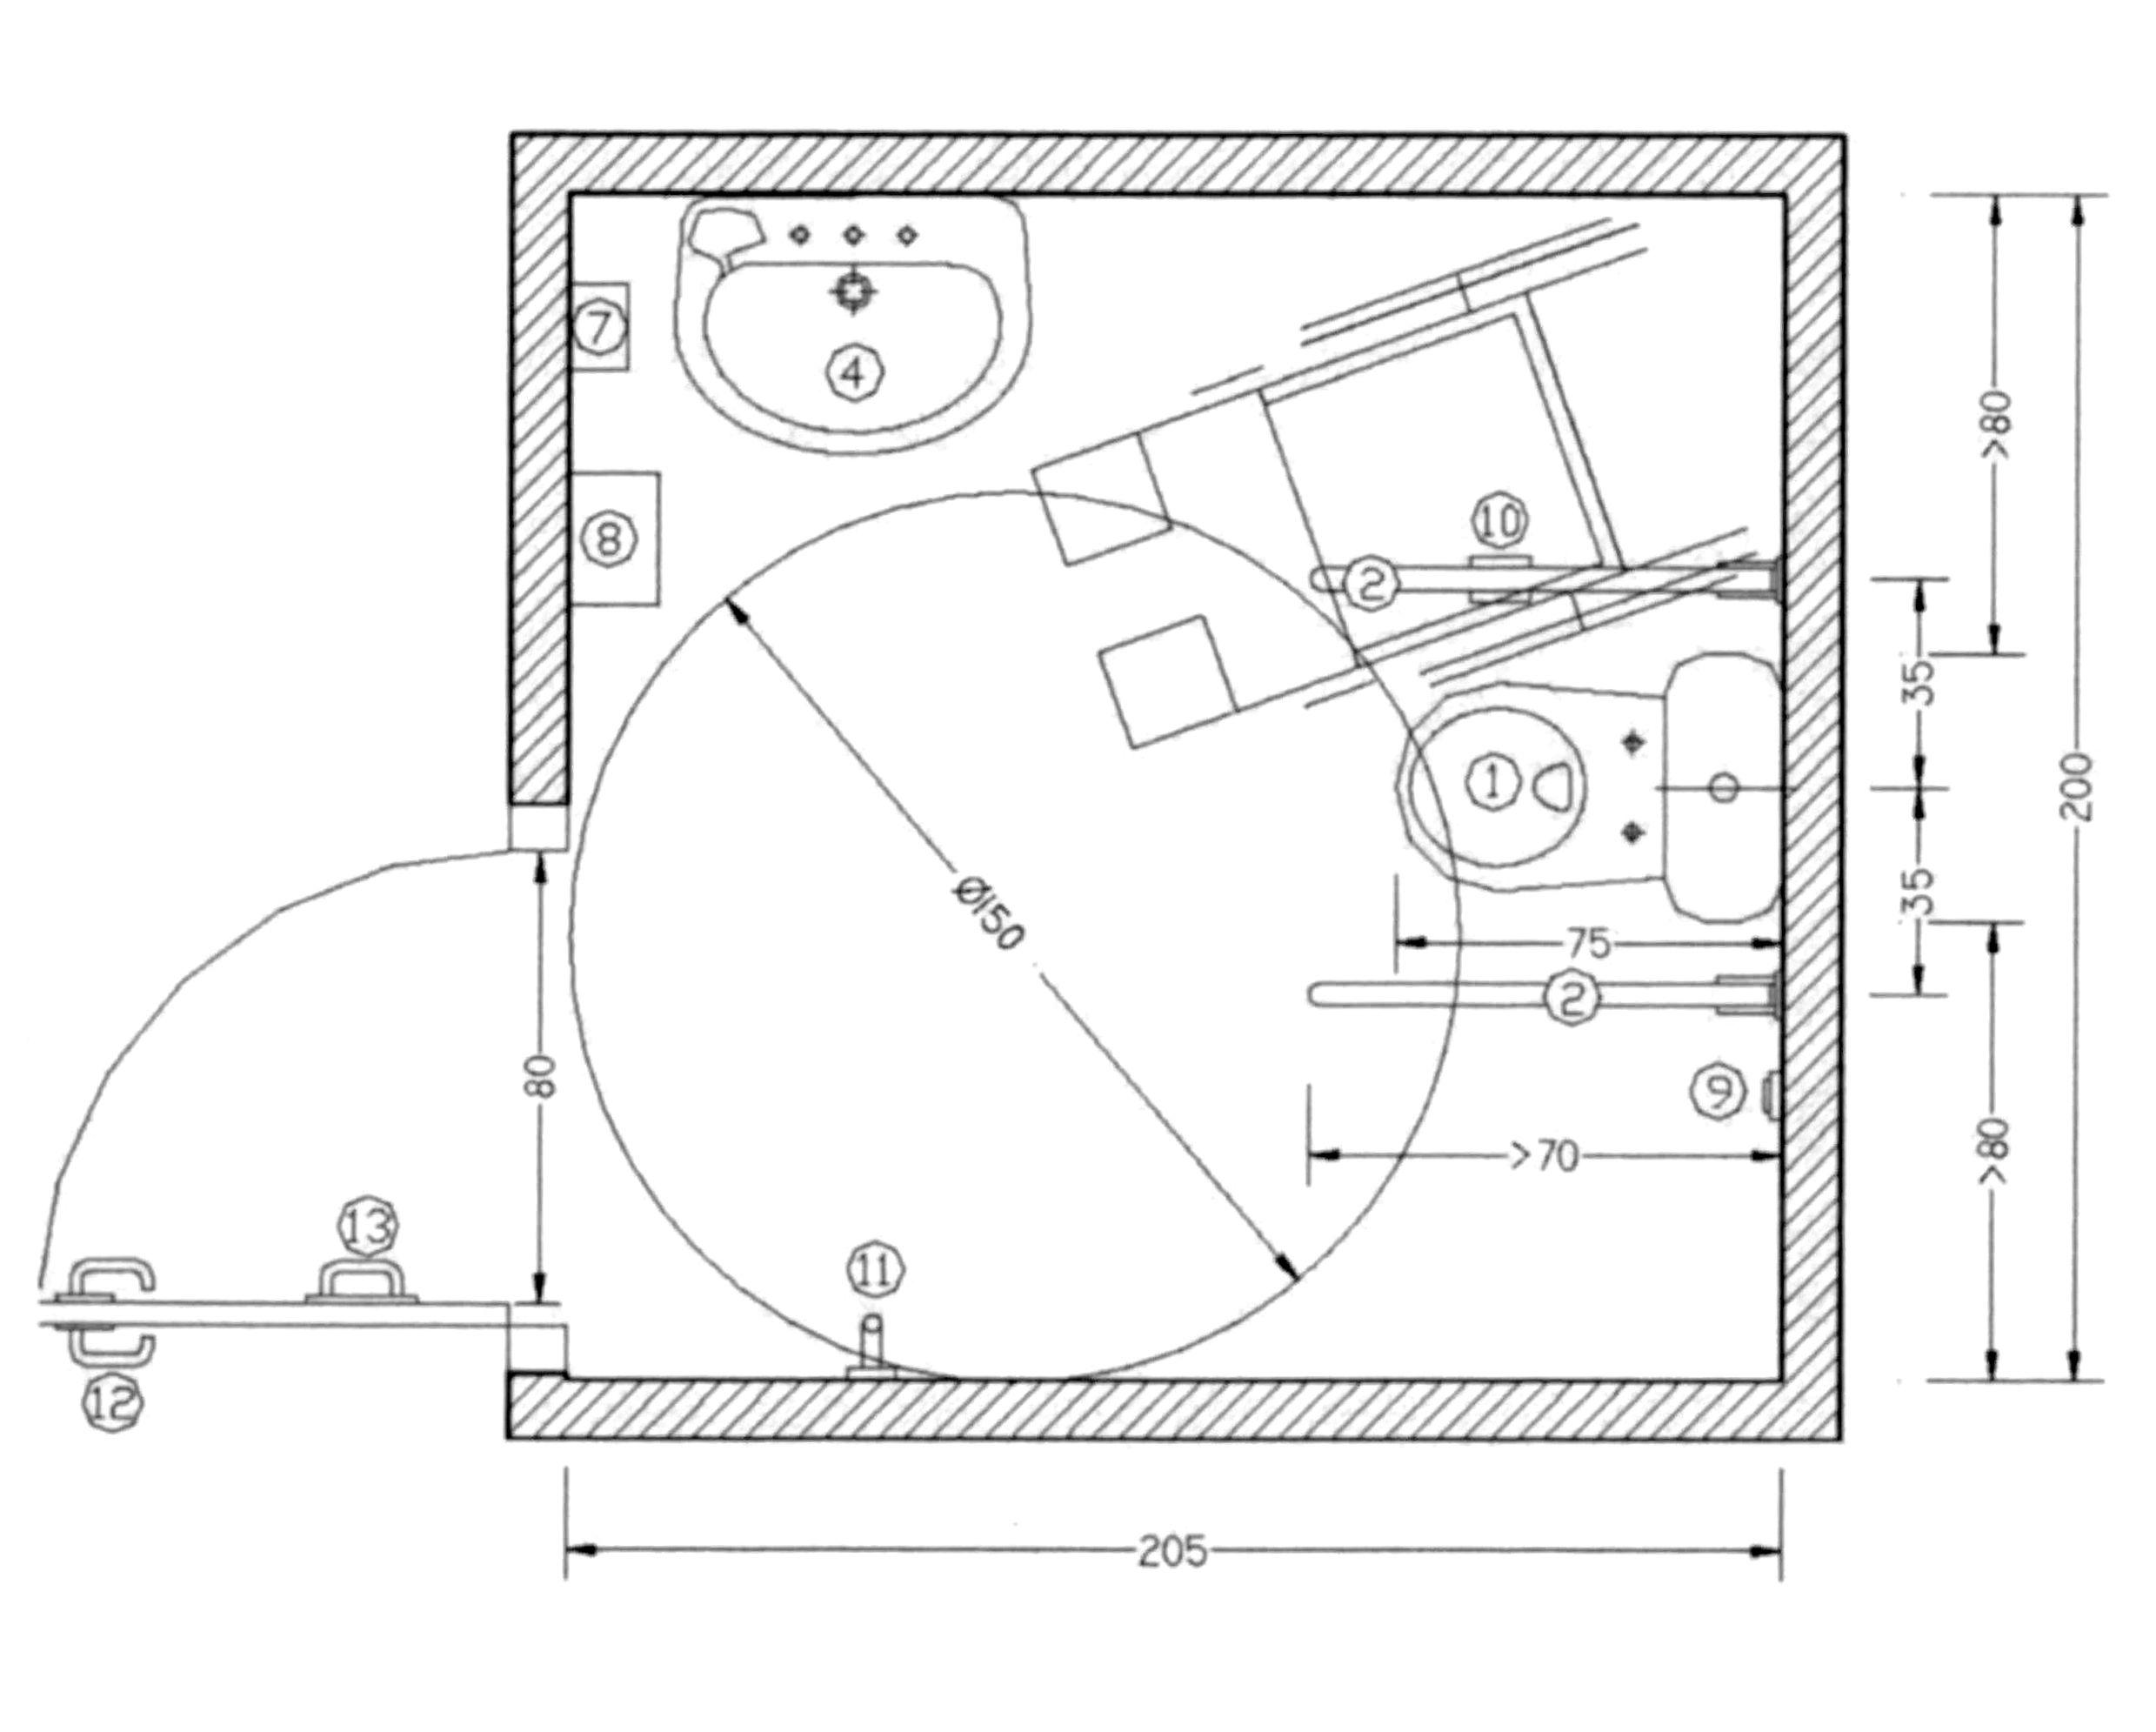 Accesibilidad integral y construcción de baños adaptados  Planos